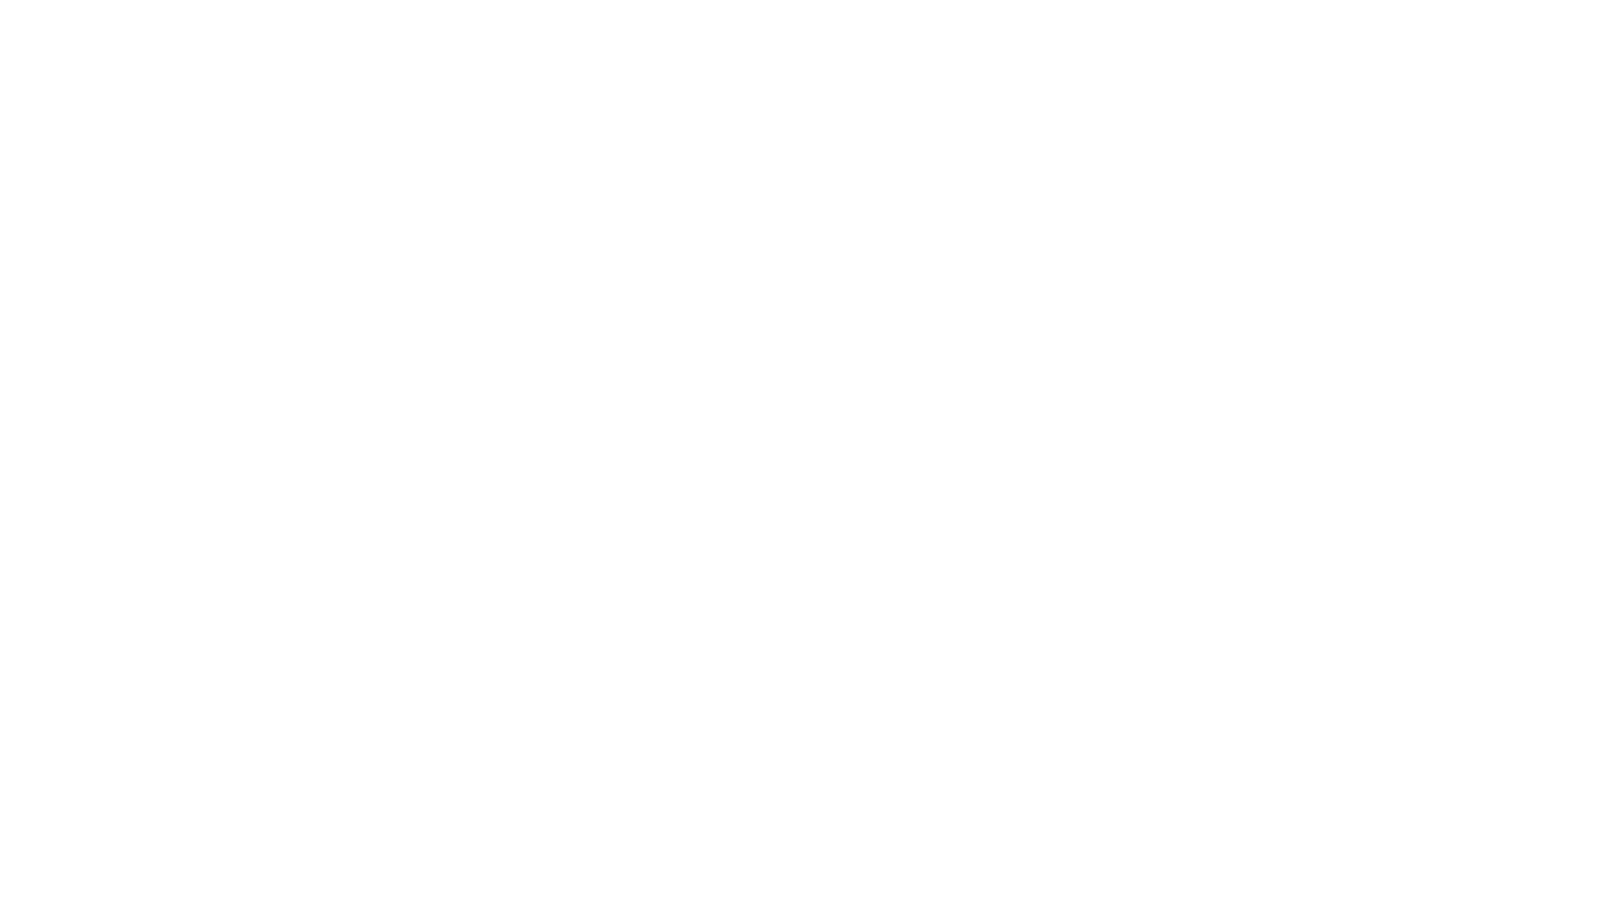 Per il trattamento delle plastiche auto, in questo video mettiamo a confronto 4 prodotti che potete trovare in vendita sul sito  https://www-esserecarrozzieri.it/negozio  Tutti e quattro restituiscono brillantezza, setosità e colore alle modanature in plastiche delle auto, proteggendole dai raggi Uv e riportandolo al loro aspetto come nuovo.  Ecco il ink diretti GOLDETAIL DELTA https://www.esserecarrozzieri.it/prodotto/delta-trattamento-plastiche-vinile-e-gomma/  GRIOT'S GARAGE TRIM RESTORER https://www.esserecarrozzieri.it/prodotto/griots-trattamento-per-plastiche/  MANIAC PLASTIC PROTECTANT https://www.esserecarrozzieri.it/prodotto/maniac-plastic-protectant-500ml/  LABOCOSMETICA HYDRA https://www.esserecarrozzieri.it/prodotti-labocosmetica-per-la-cura-dell-auto/   #lamogliedelcarrozziere #esserecarrozzieri #cardetailing